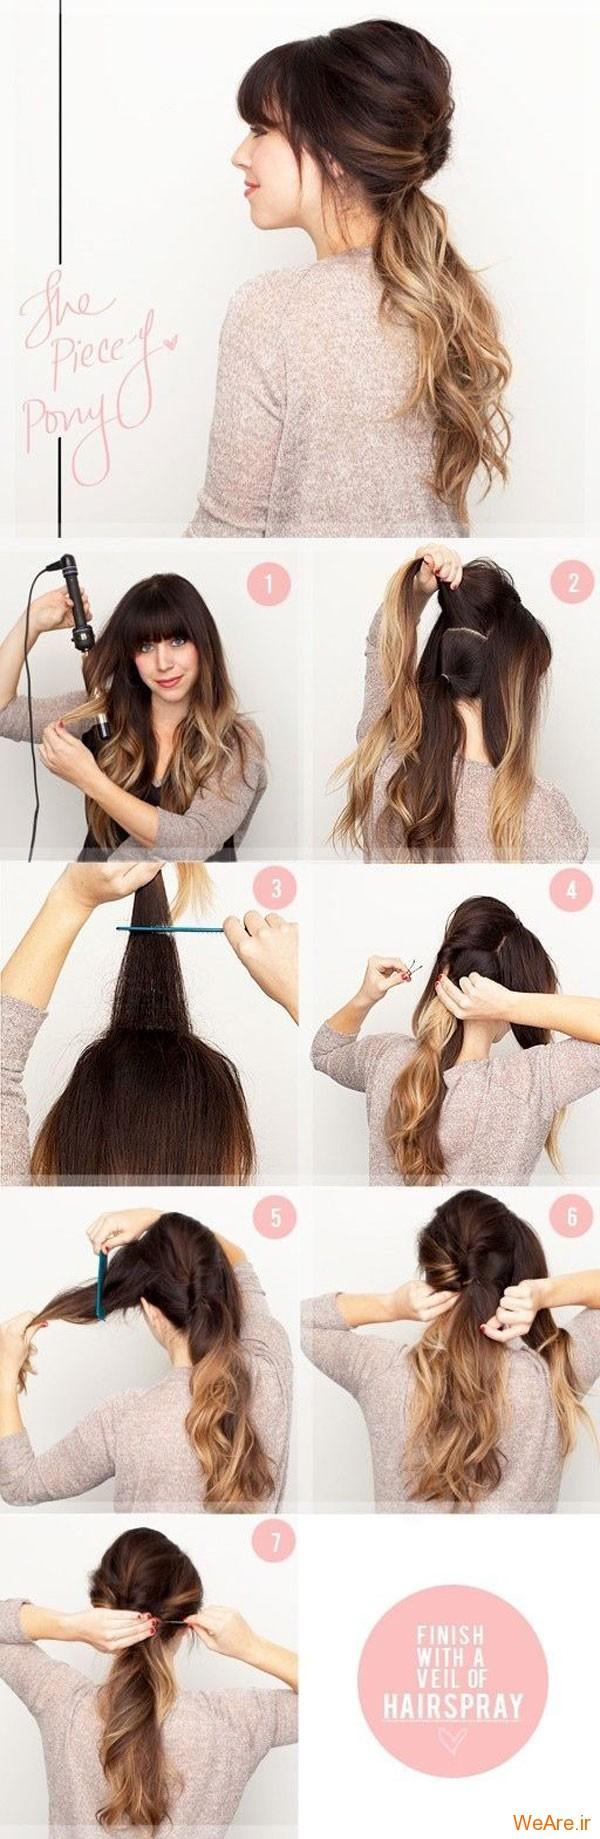 روش های بستن مو (18)